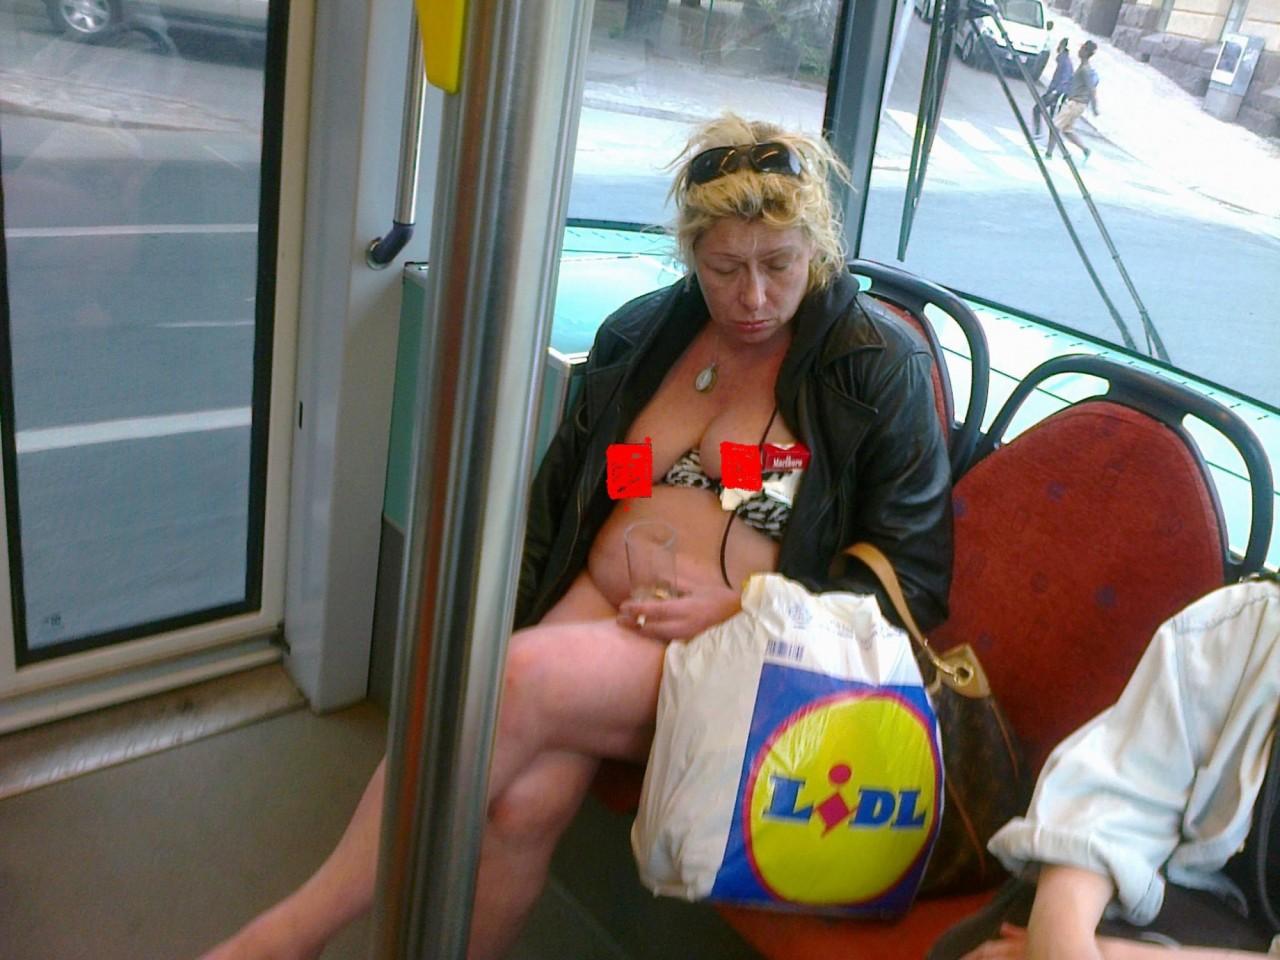 кому действительно фото жирных пьяных баб санта-барбару посмотреть